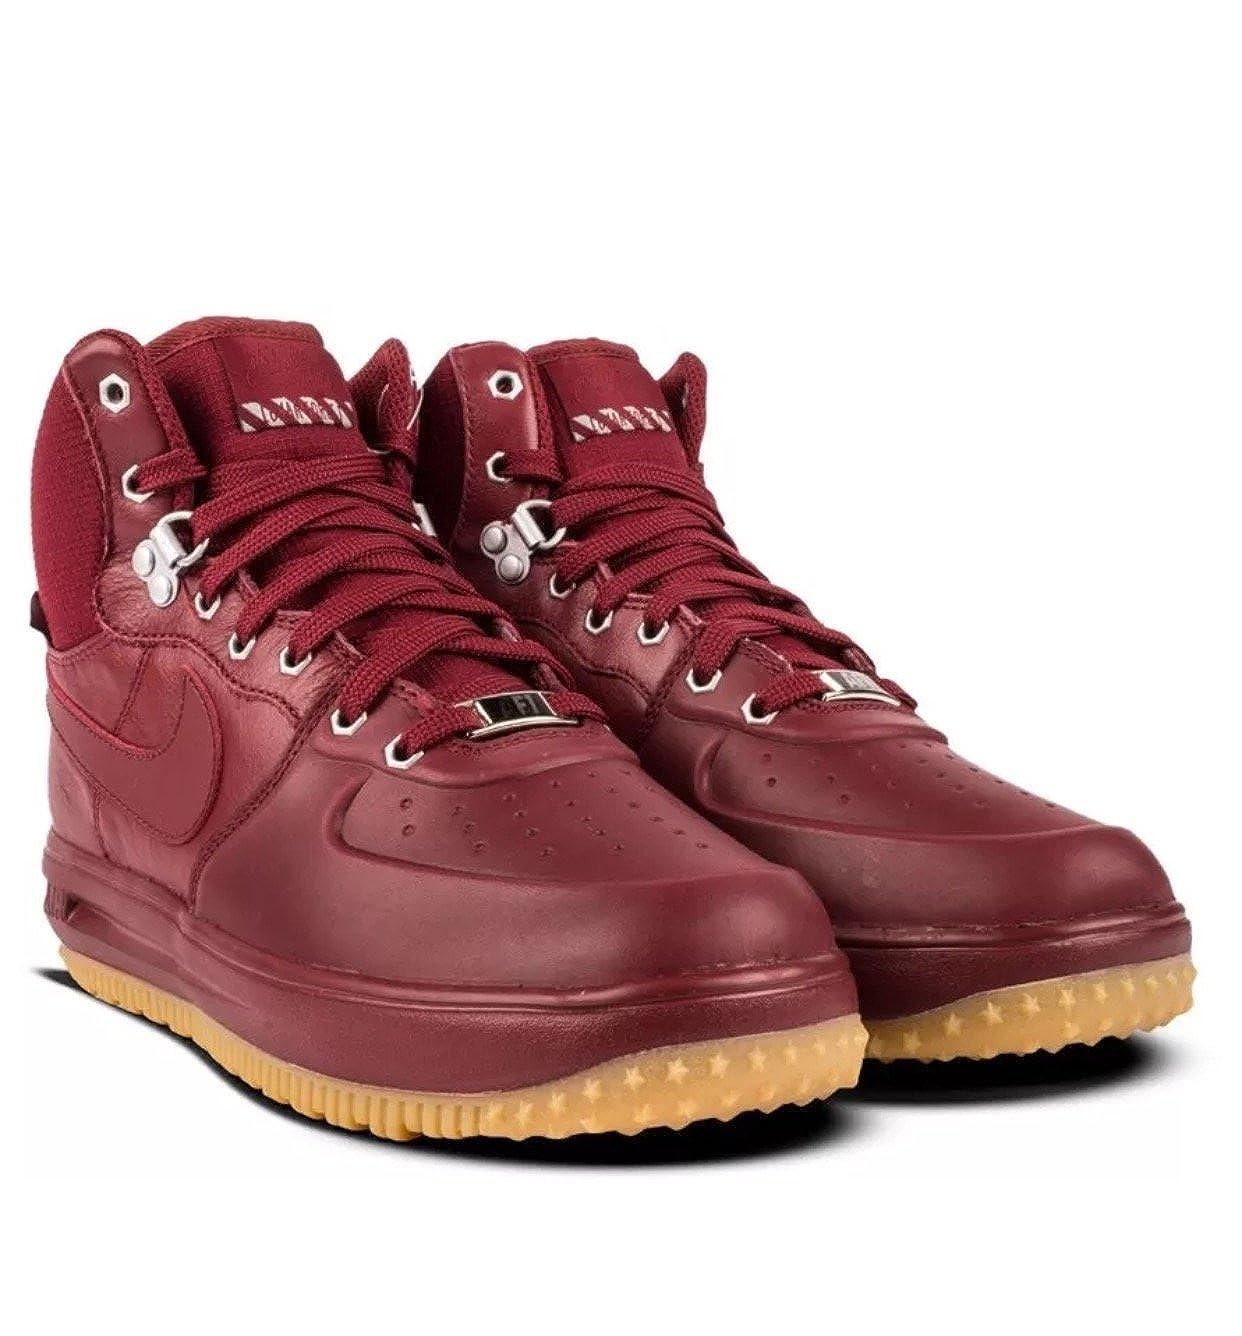 Nike Lunar Force 1 Sneakerboot Team RedTeam Red (GS) (7 M US Big Kid)